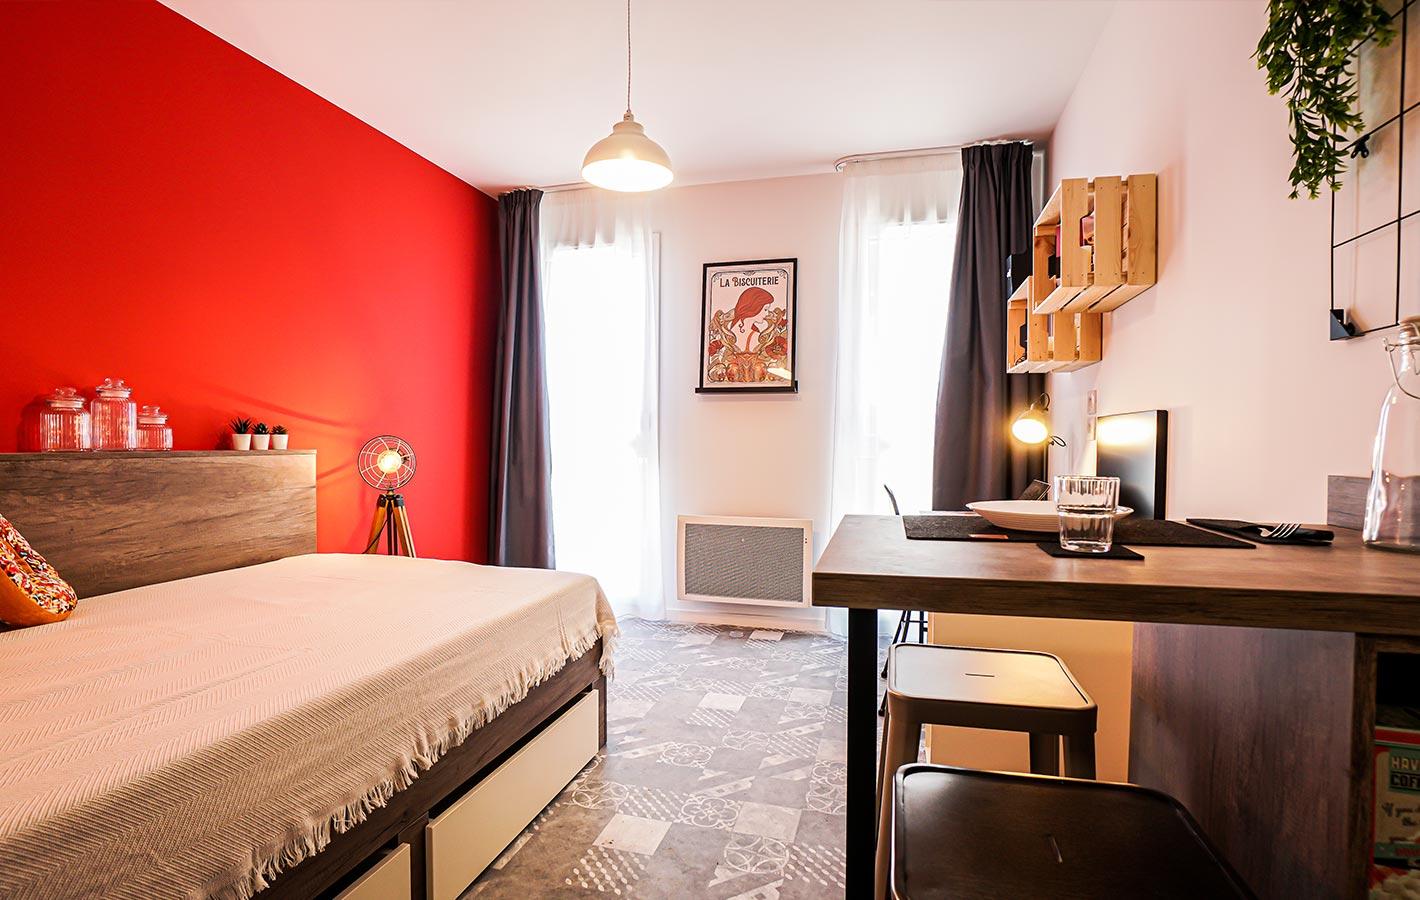 image  2021 06 14 residence etudiante suitetudes biscuiterie caen studio salon